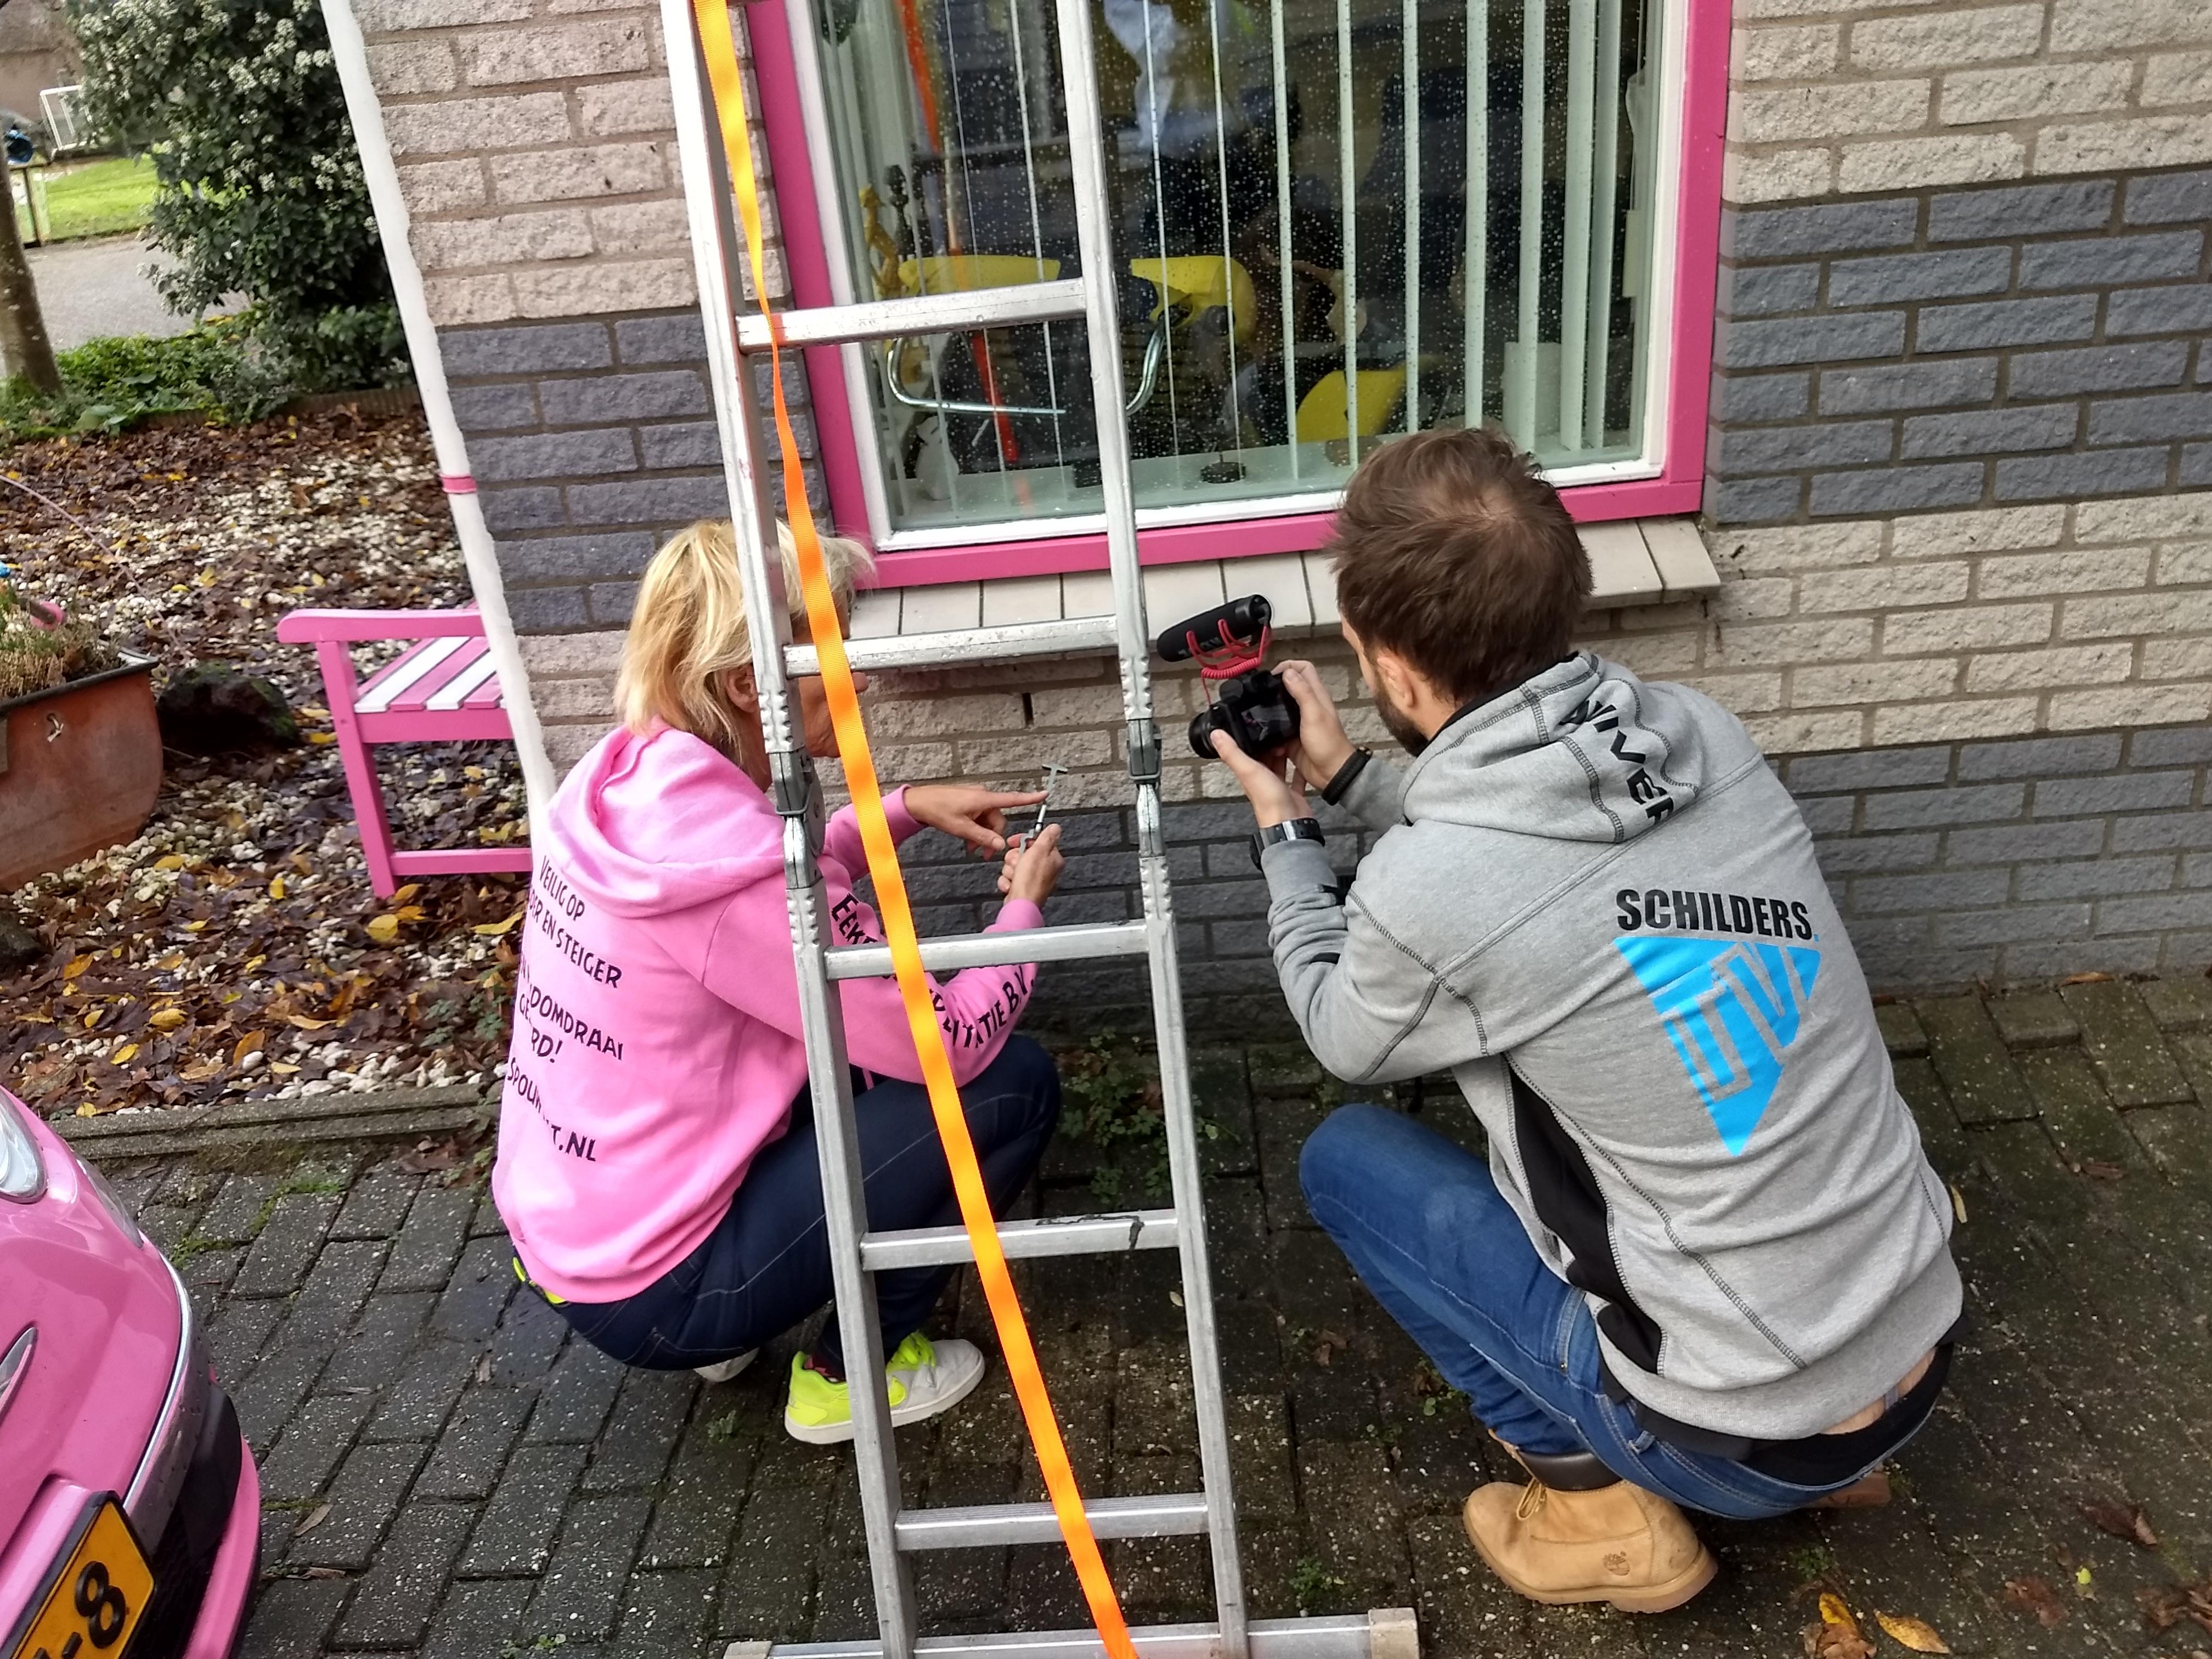 ladder steiger zekeren veilig werken glazenwasser schilder muuranker spouwanker Step gezonder werken